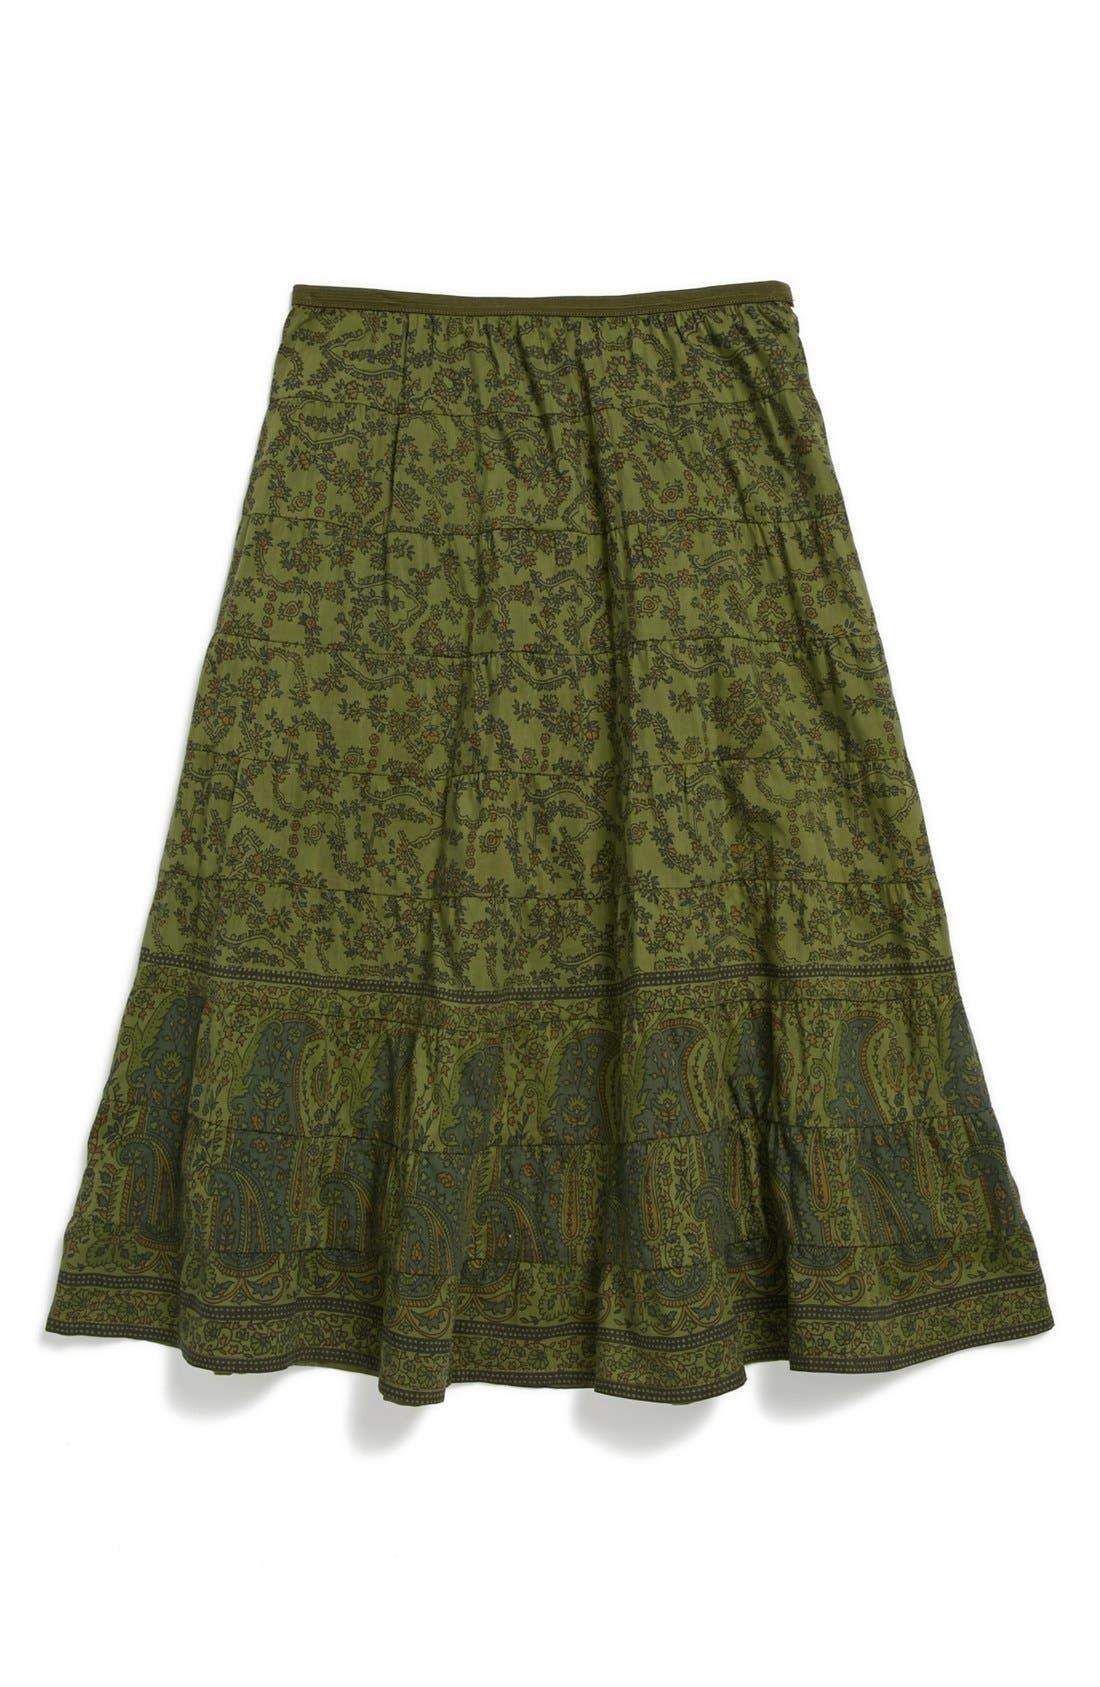 Alternate Image 1 Selected - Peek 'Kira' Skirt (Toddler Girls, Little Girls & Big Girls)